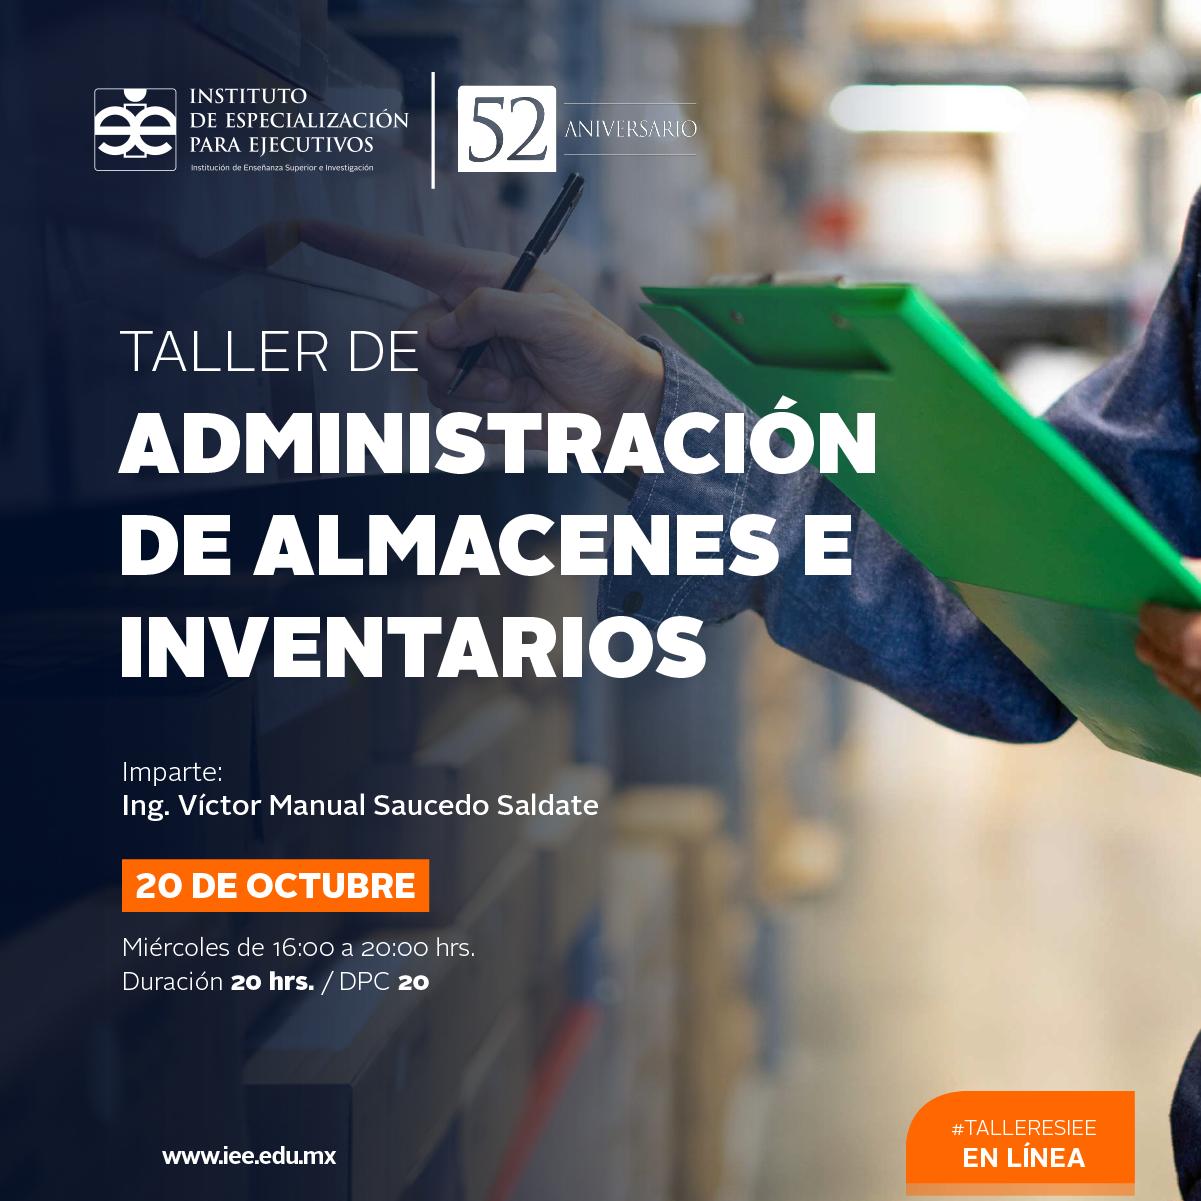 Taller en Línea Administración de Almacenes e Inventarios